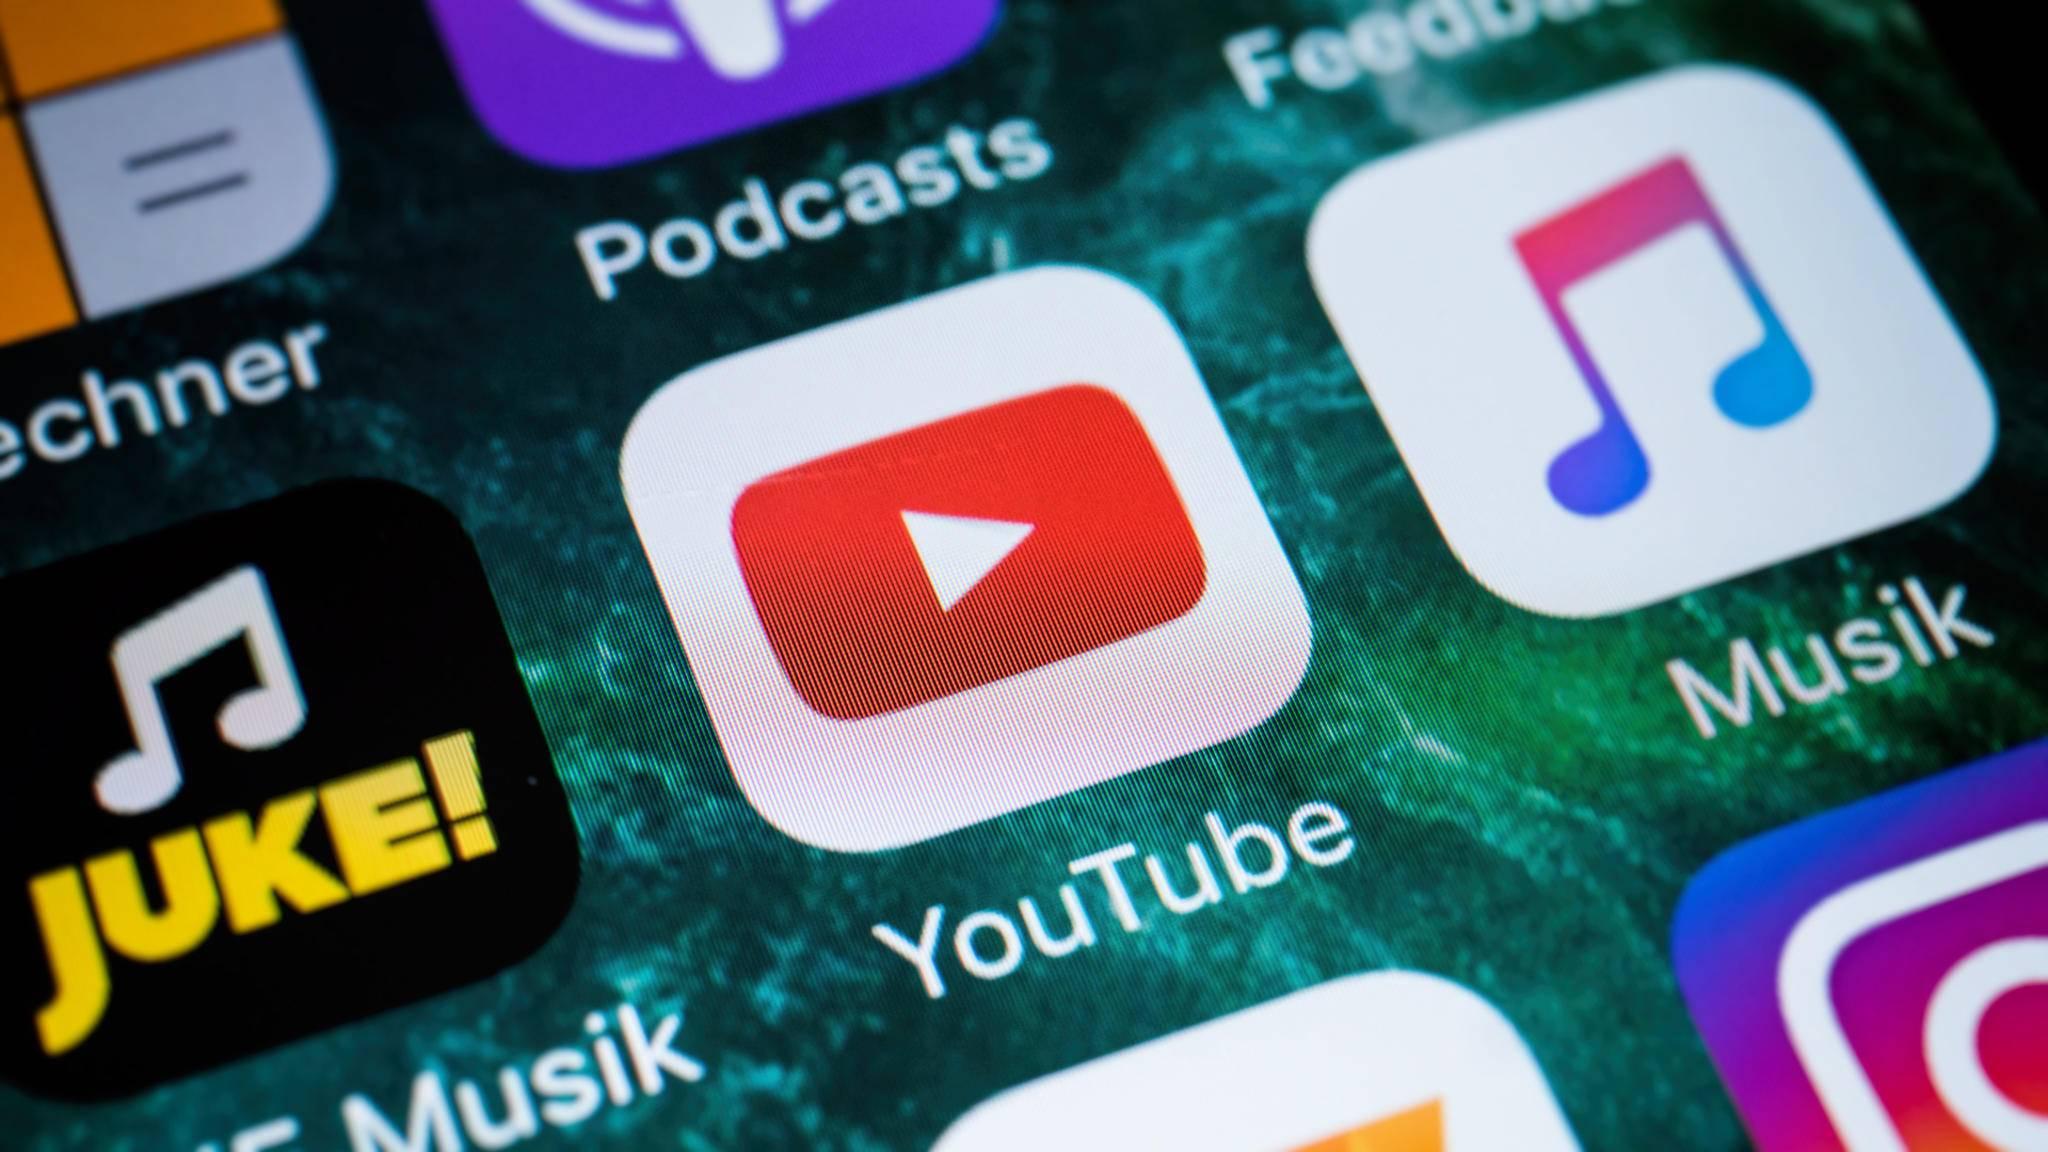 YouTube-Chefin Susan Wojcicki kündigte einige Neuerungen für die Videoplattform an.